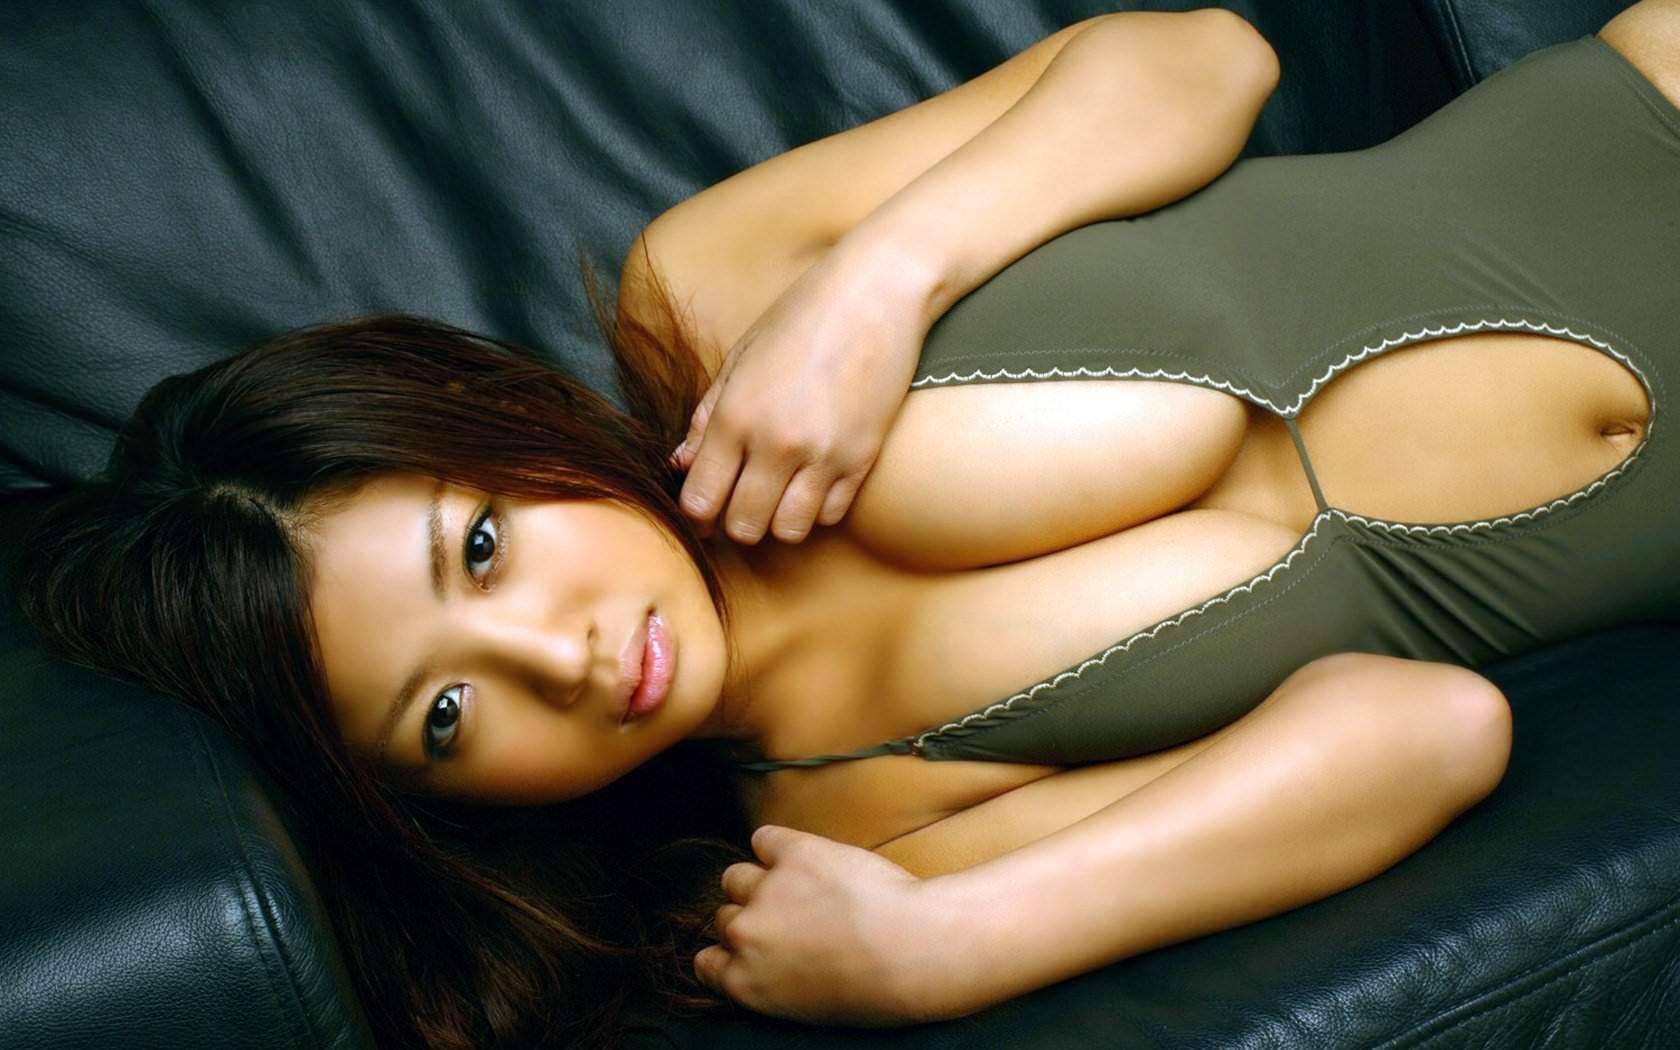 Фото красивых азиаток 18 6 фотография